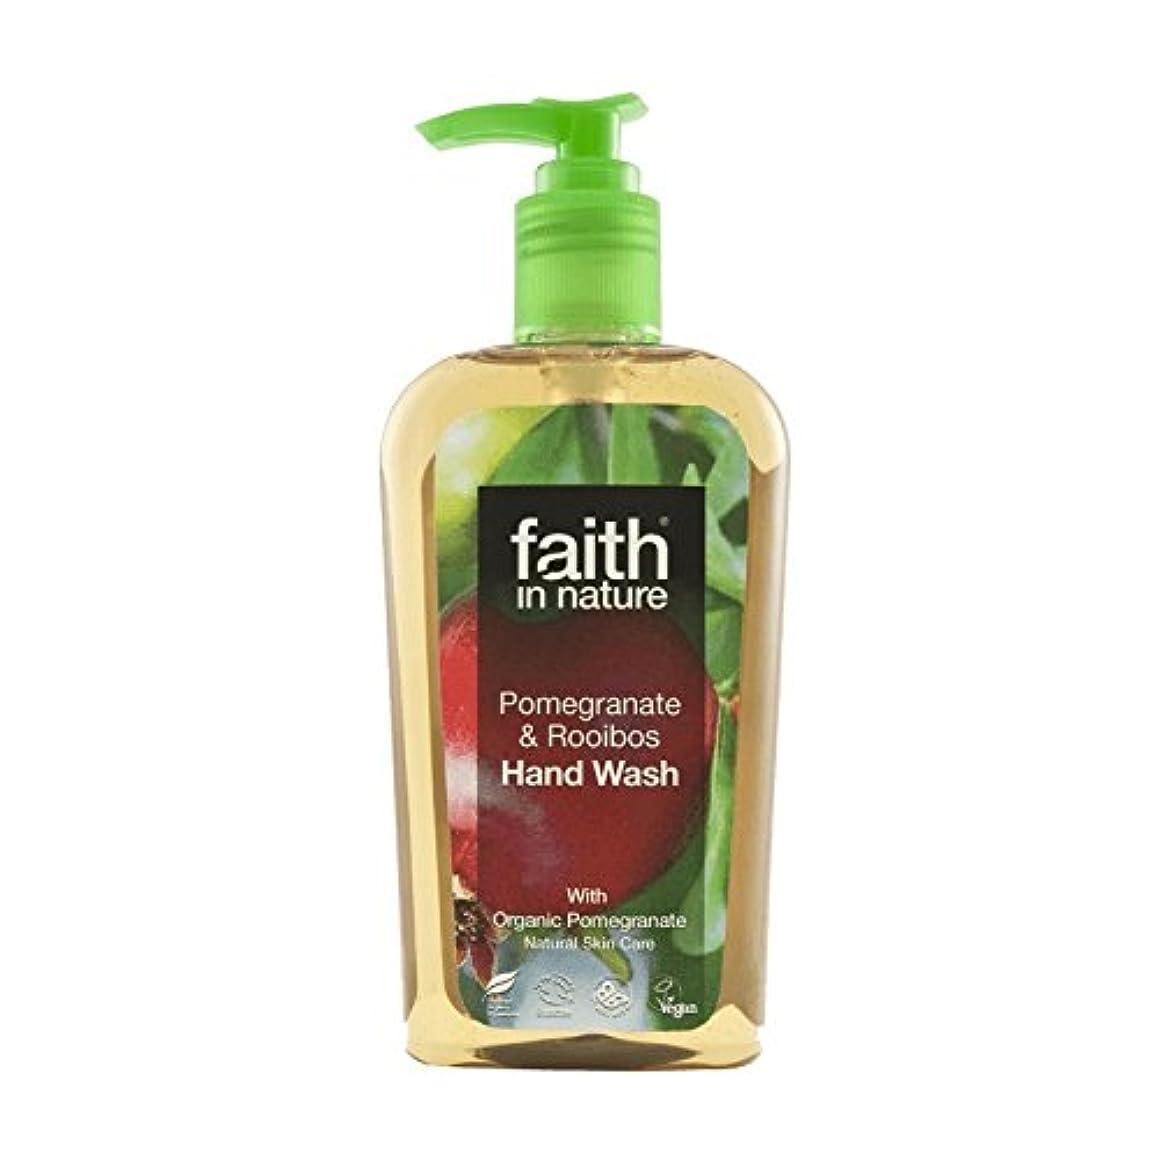 習字くるみ溶融Faith In Nature Pomegranate & Rooibos Handwash 300ml (Pack of 2) - 自然ザクロ&ルイボス手洗いの300ミリリットルの信仰 (x2) [並行輸入品]